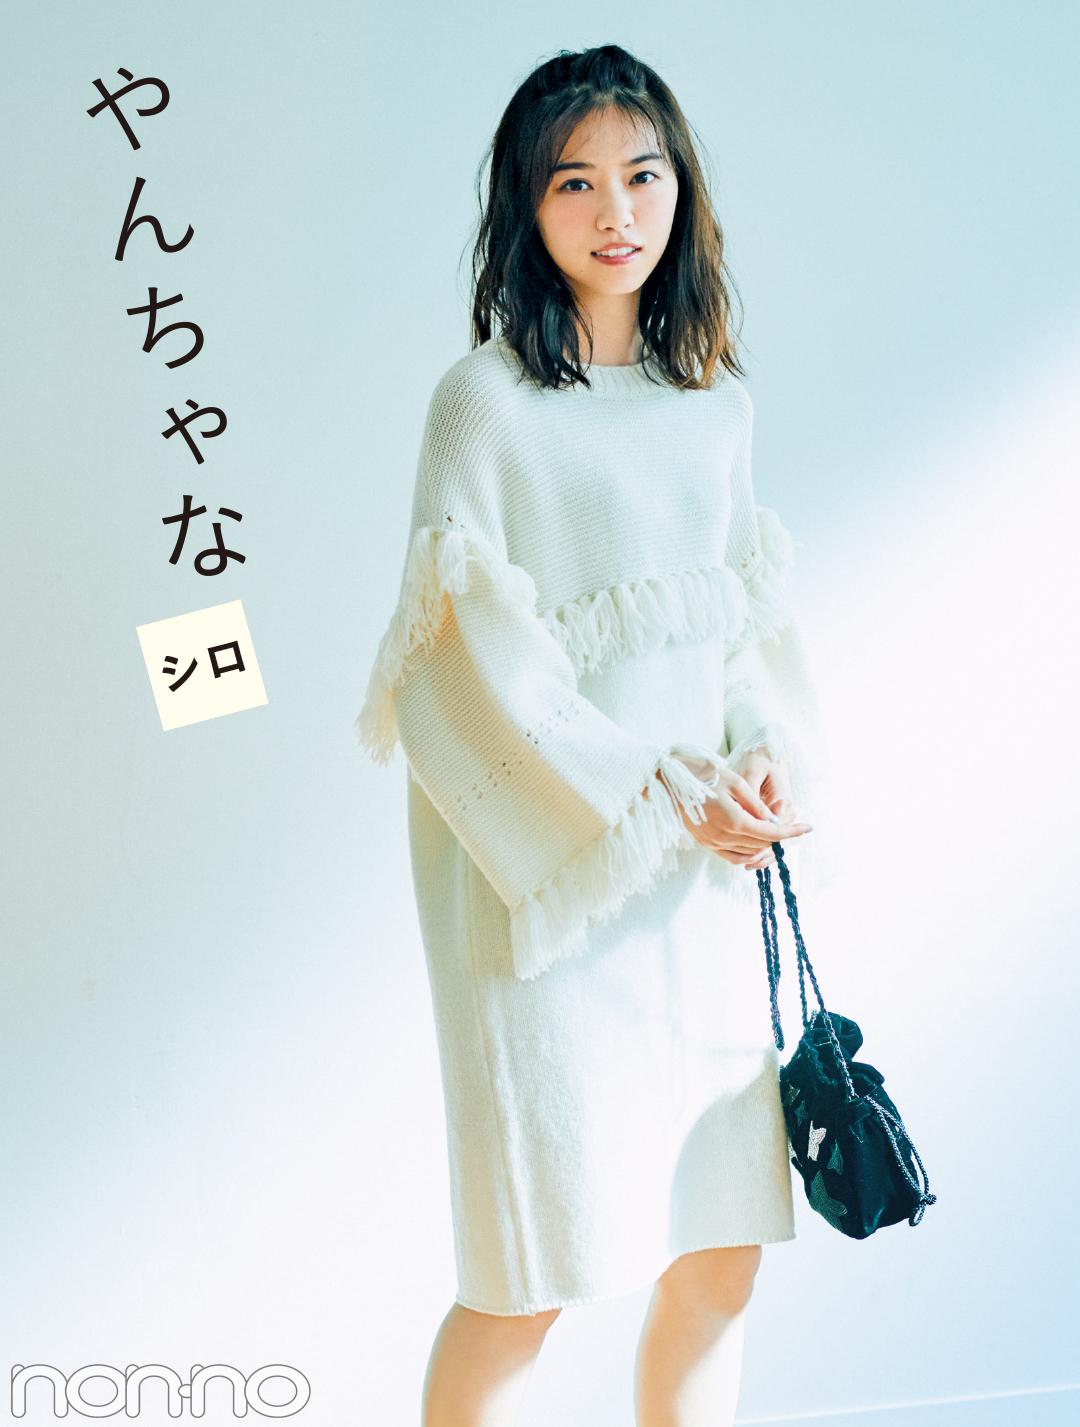 西野七瀬の冬の白コーデ♡ 最高に可愛いお手本3選!_1_1